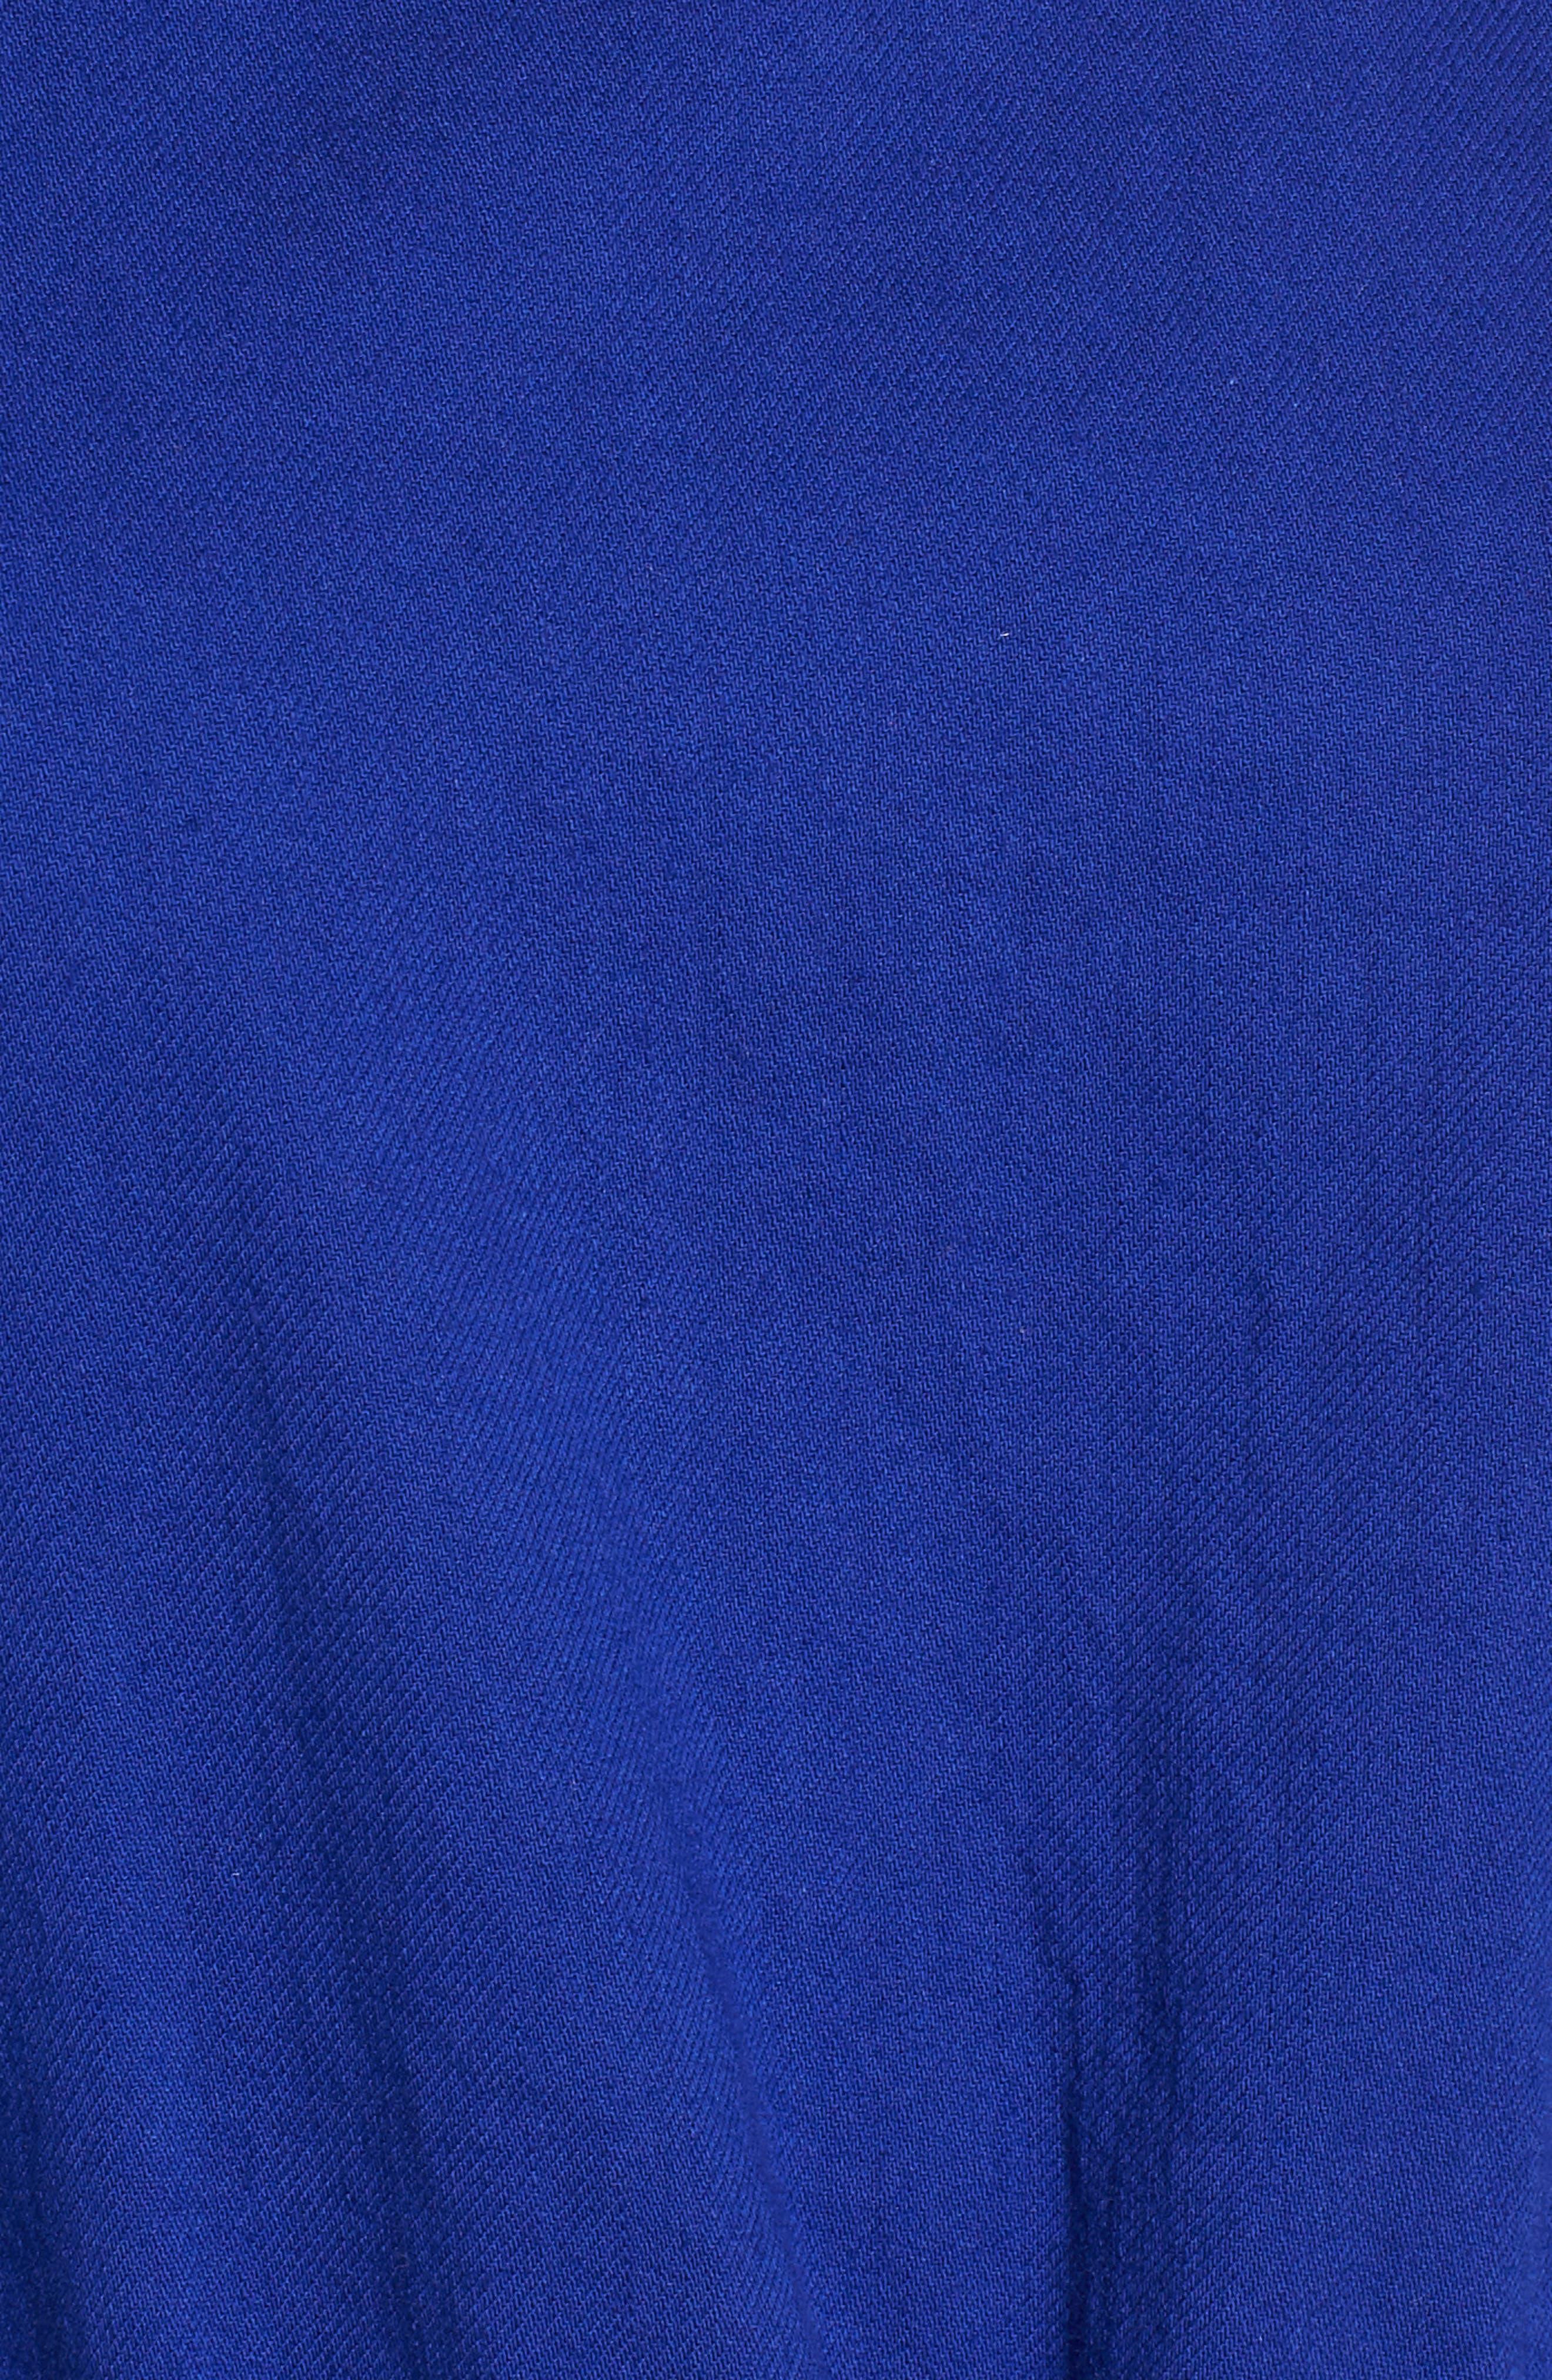 Drawstring Organic Cotton Midi Dress,                             Alternate thumbnail 21, color,